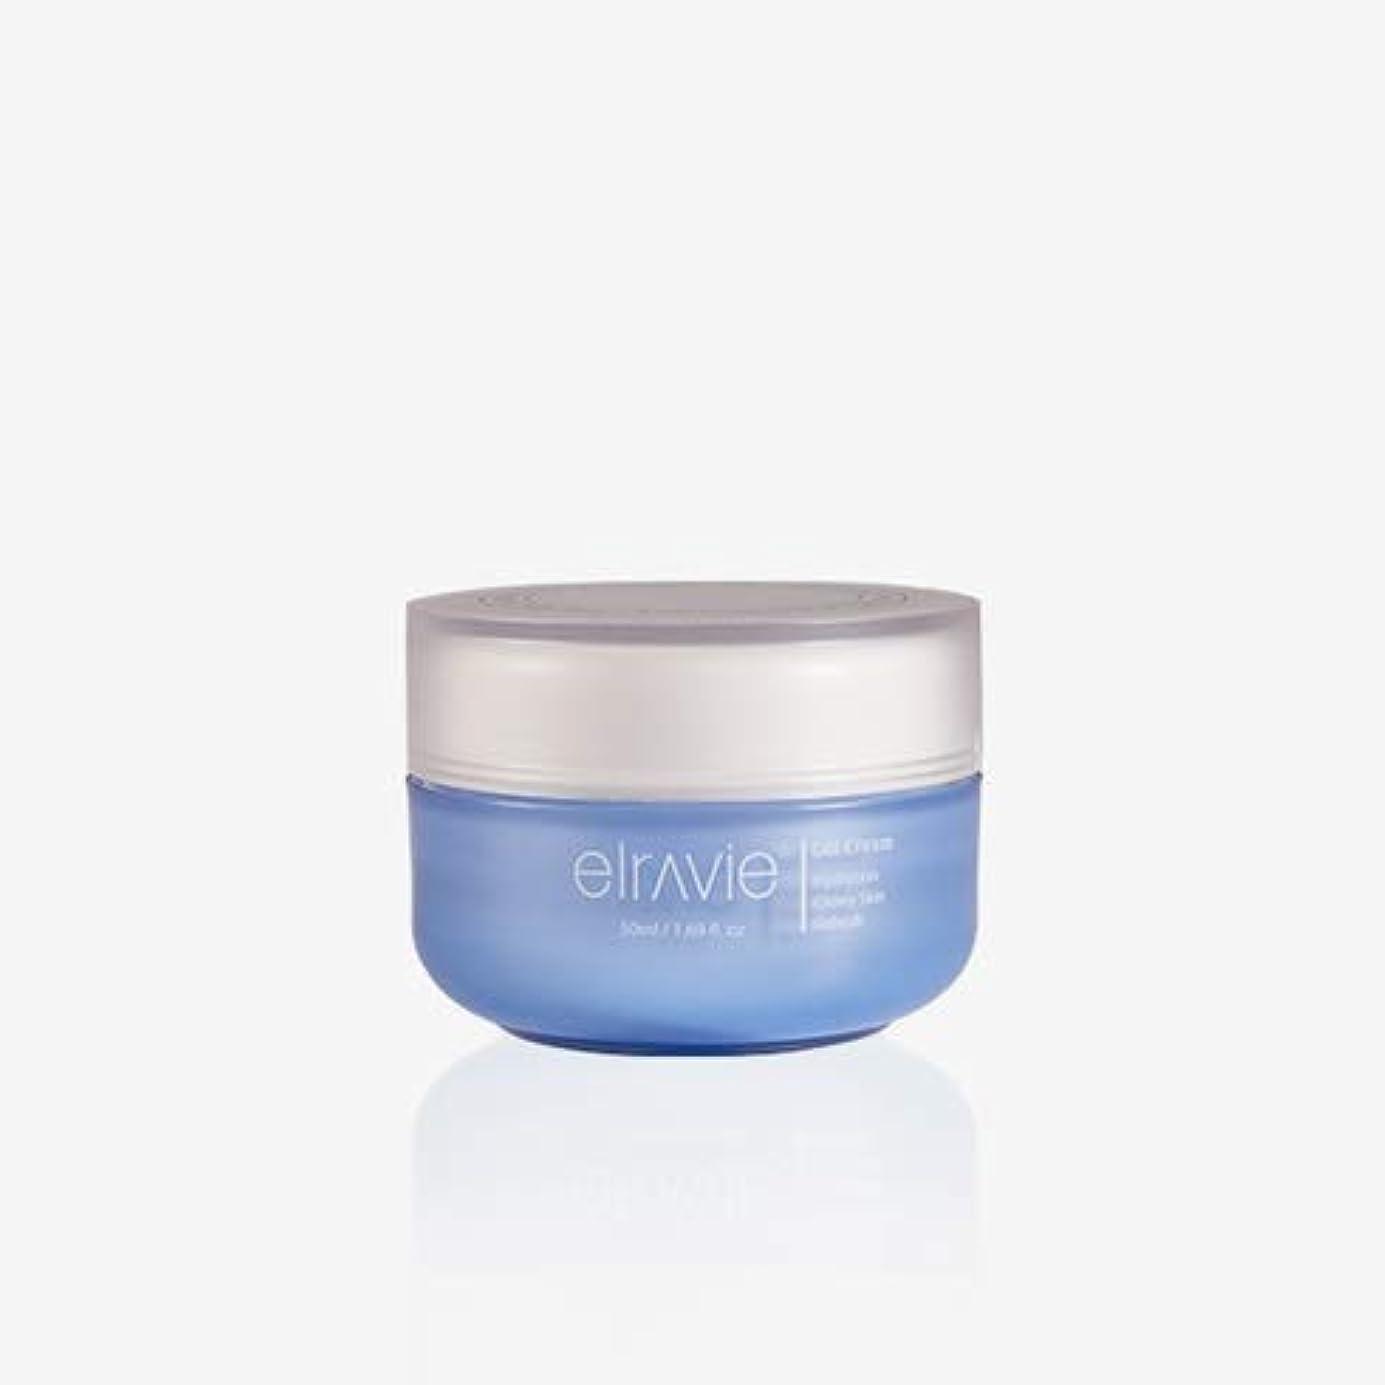 交響曲免除修復エラヴィー[Elravie] ダーマハイドロエクステンデッドハイジェルクリーム50ml / Derma Hydro Extended Hyal Gel Cream